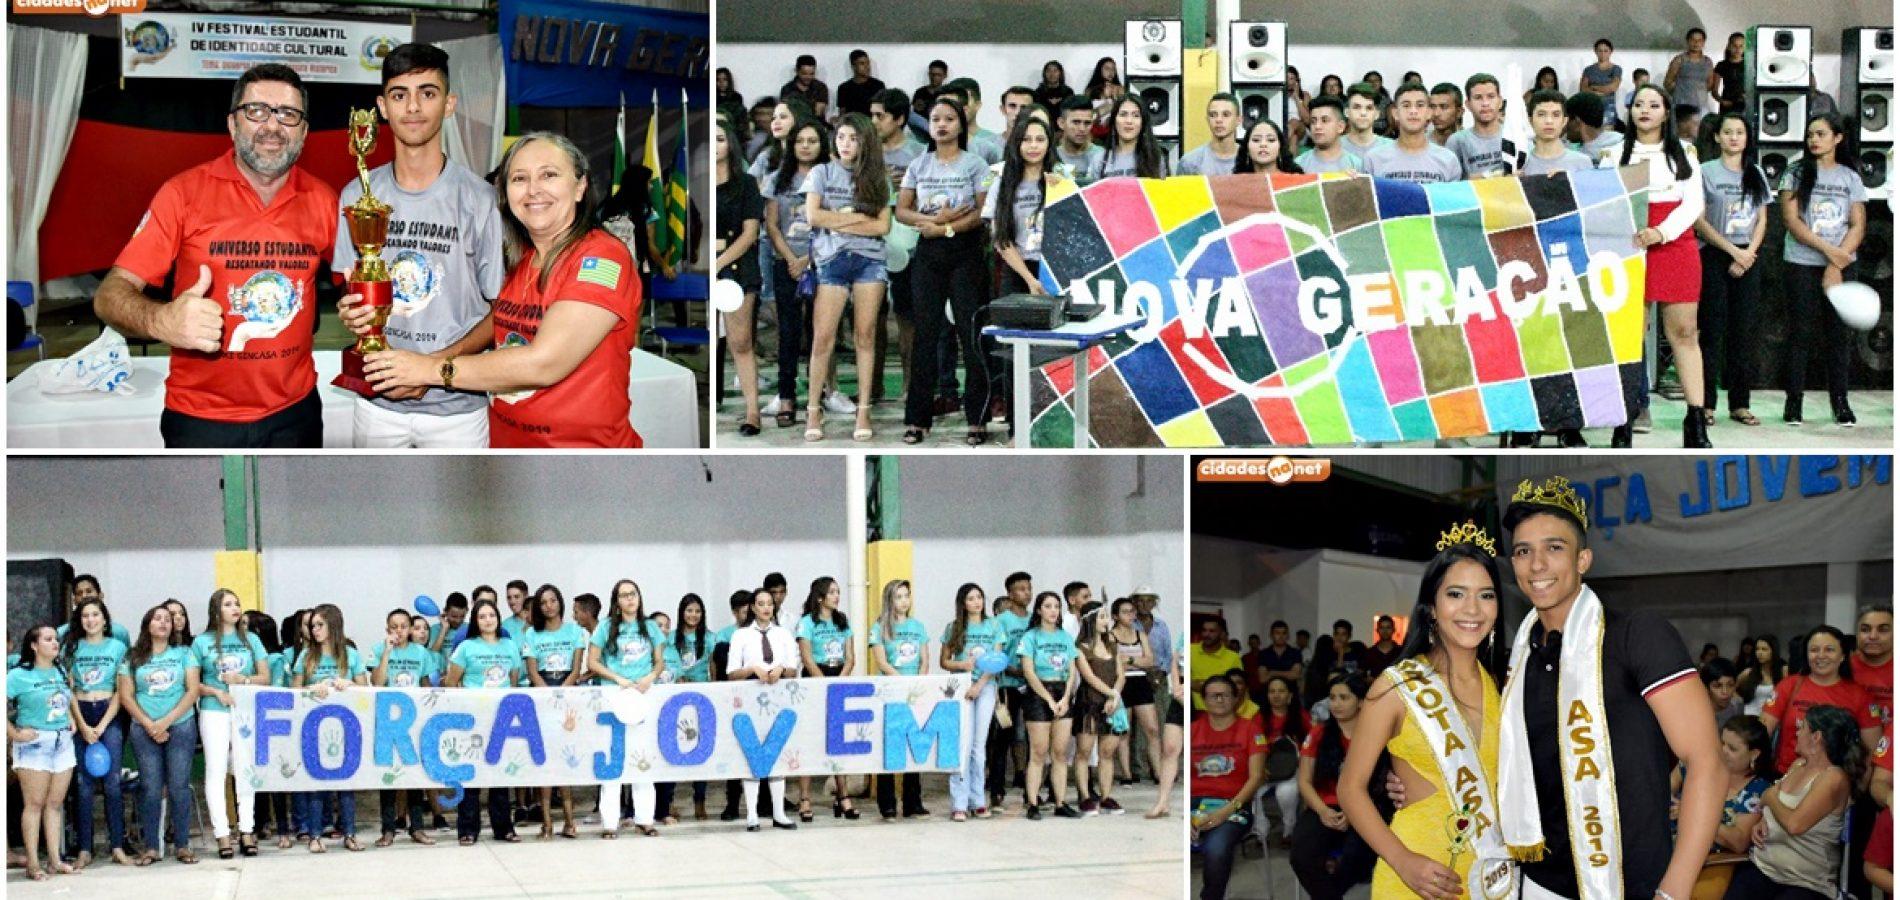 ALEGRETE | Gincasa Cultural, desfile e festa, encerram o IV Festival Estudantil de Identidade Cultural da U.E. ASA; fotos